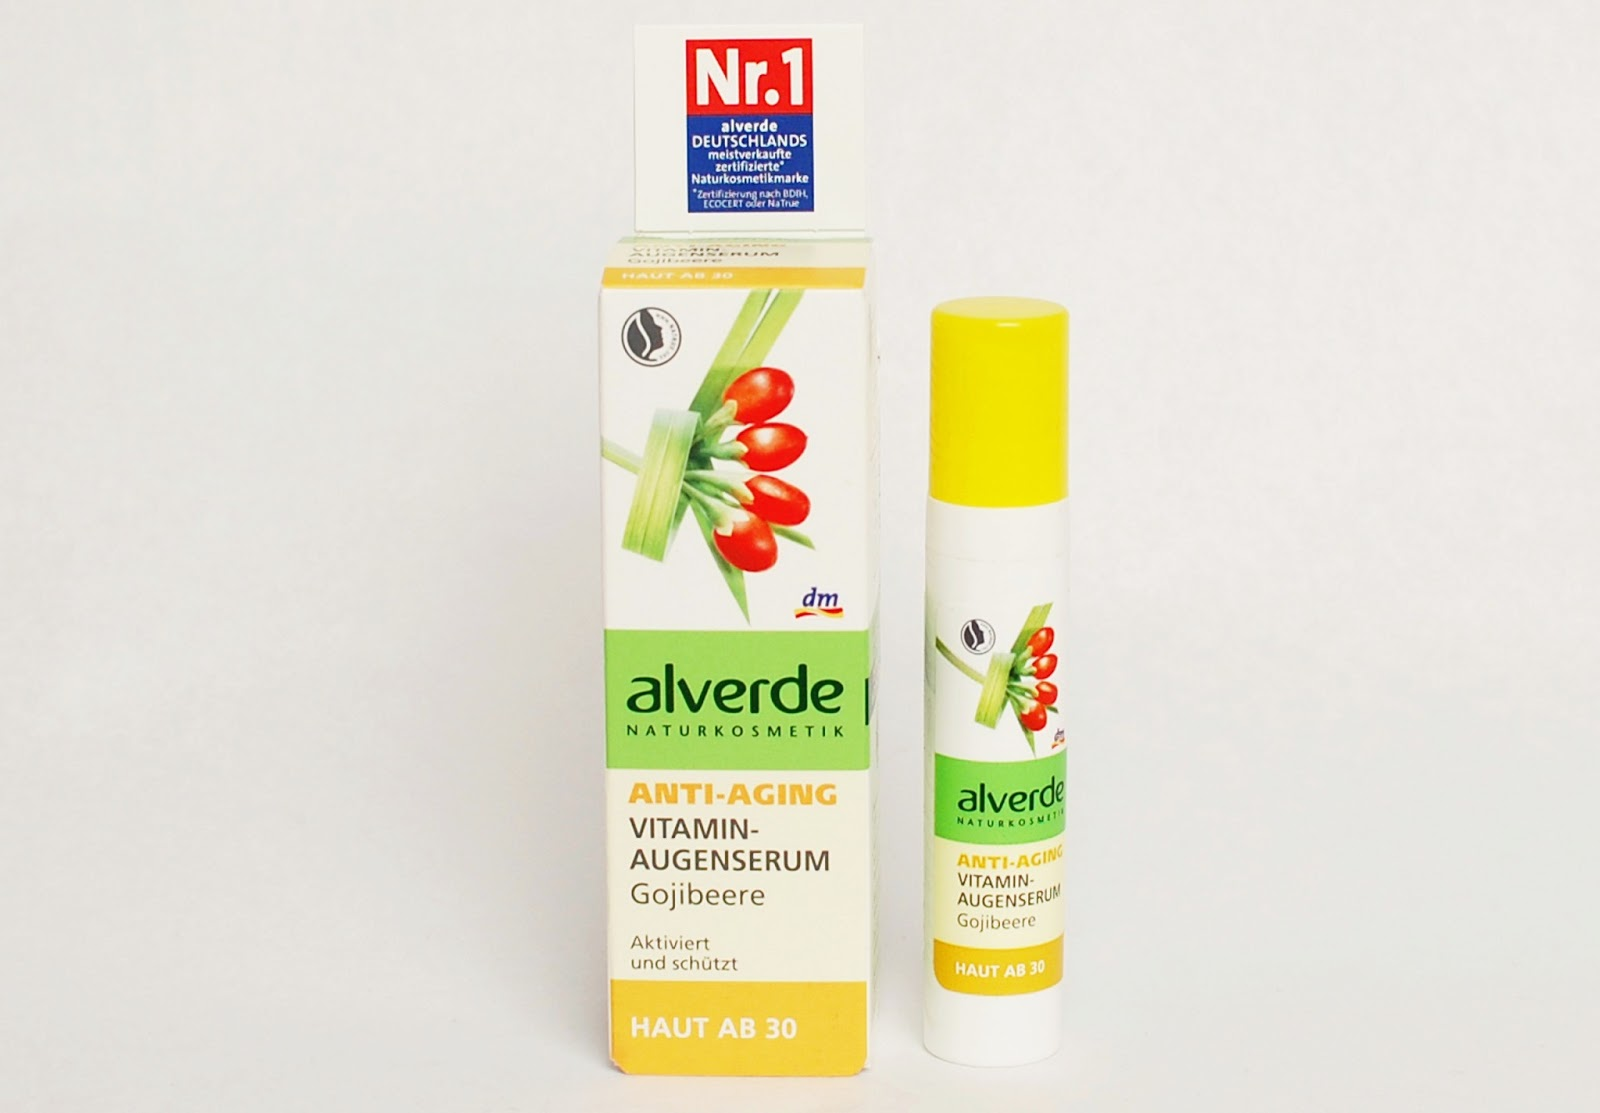 Alverde Anti-aging Vitamin Augenserum Gojibeere